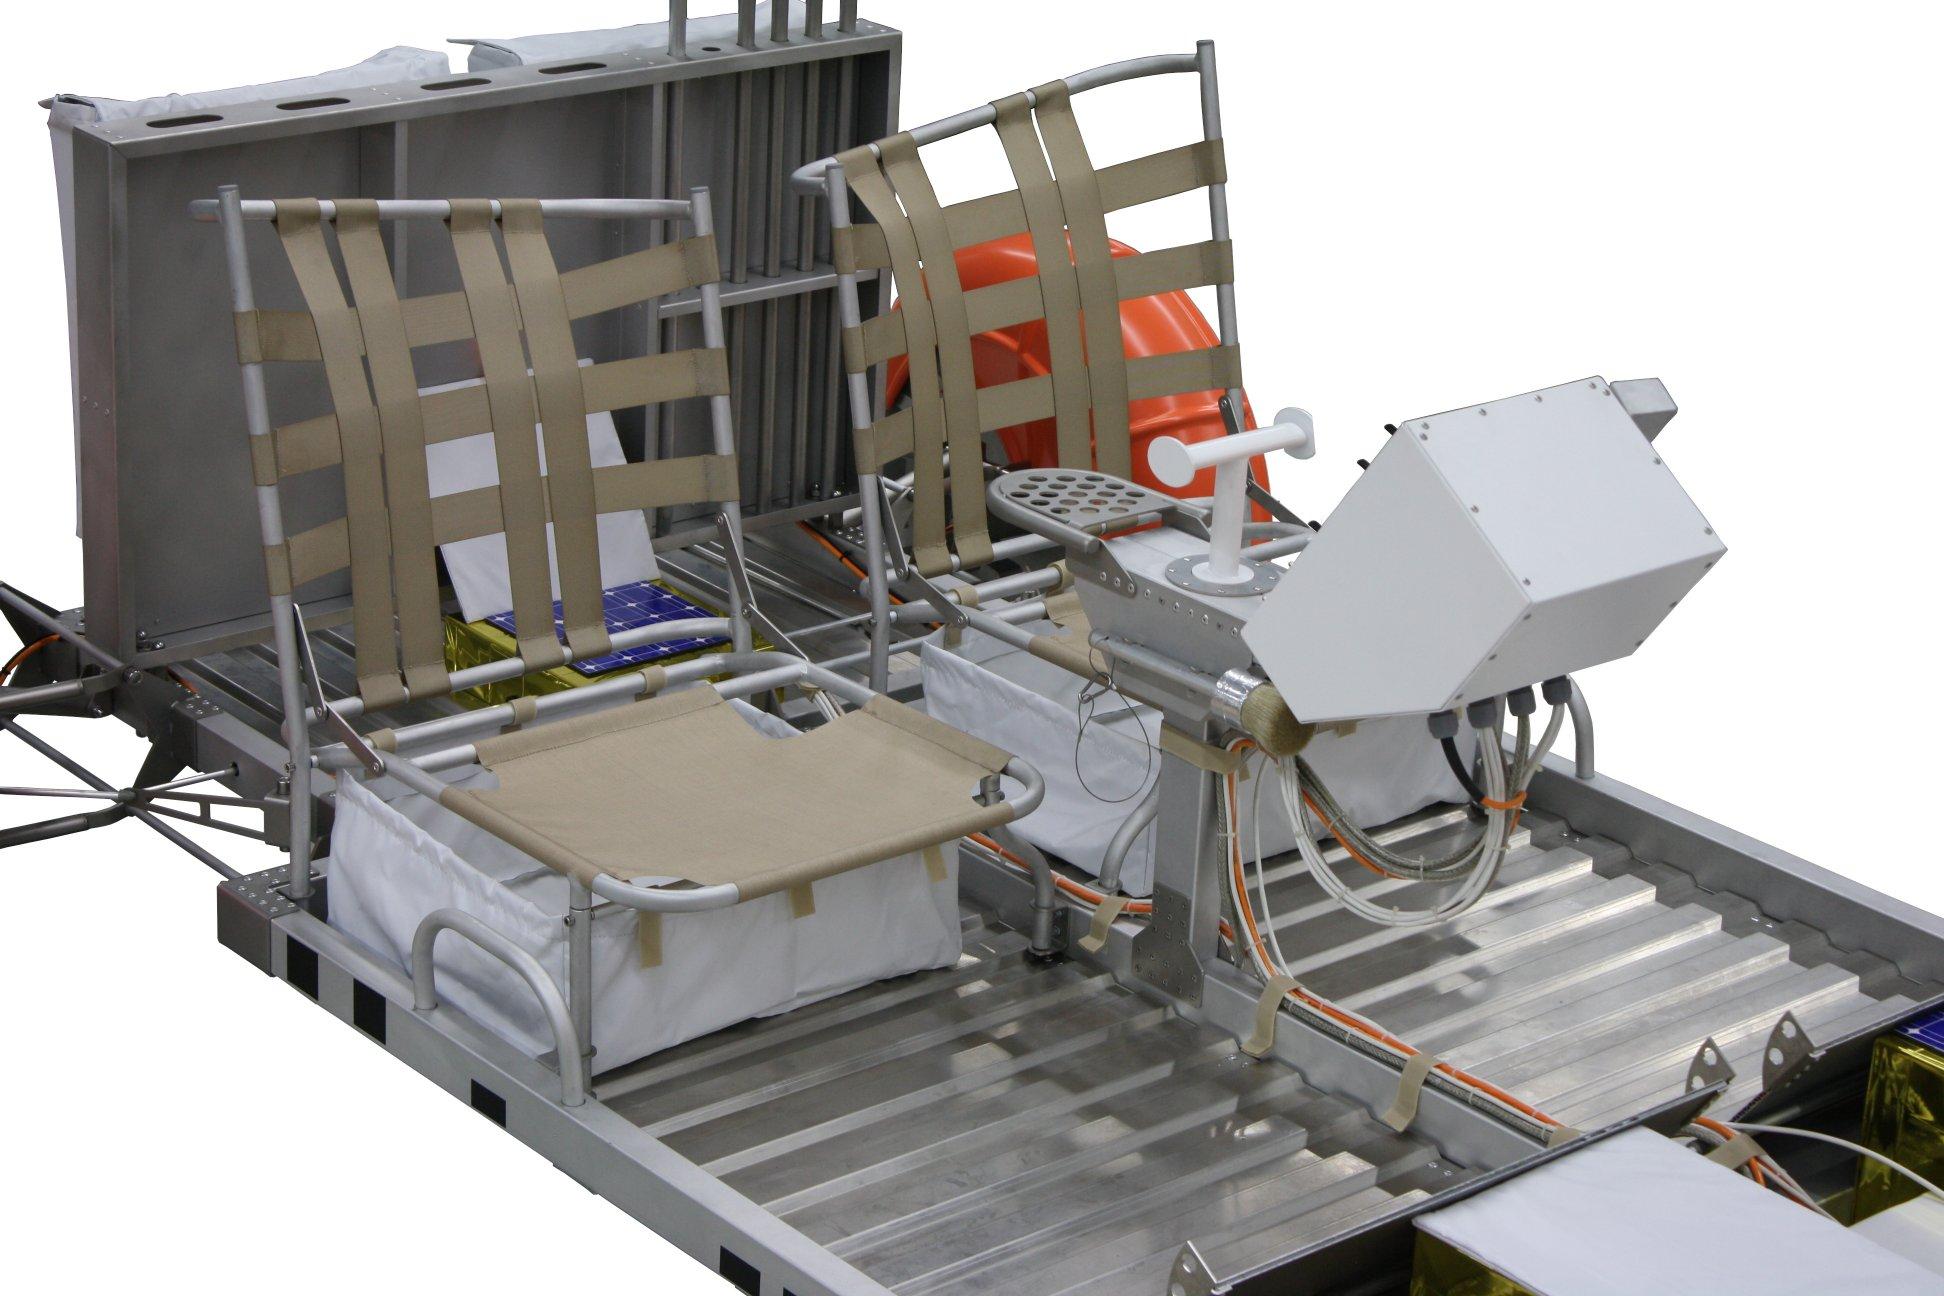 Lunar Roving Vehicle Exponat von Clive Ward